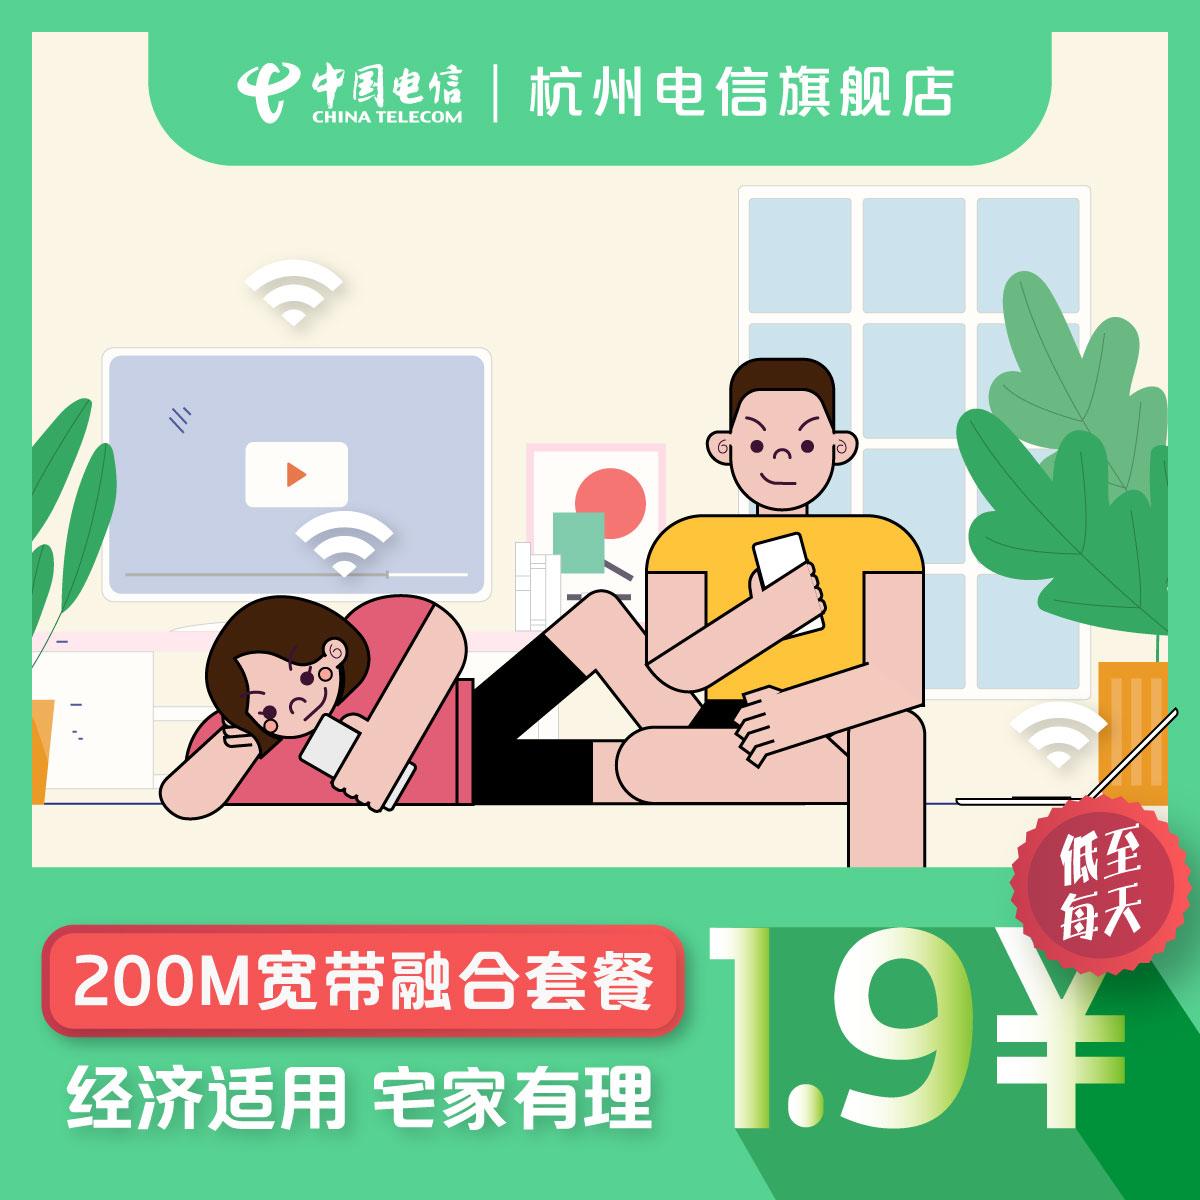 个人轻松宽带200M官方旗舰店杭州浙江中国电信新装上网套餐包年费